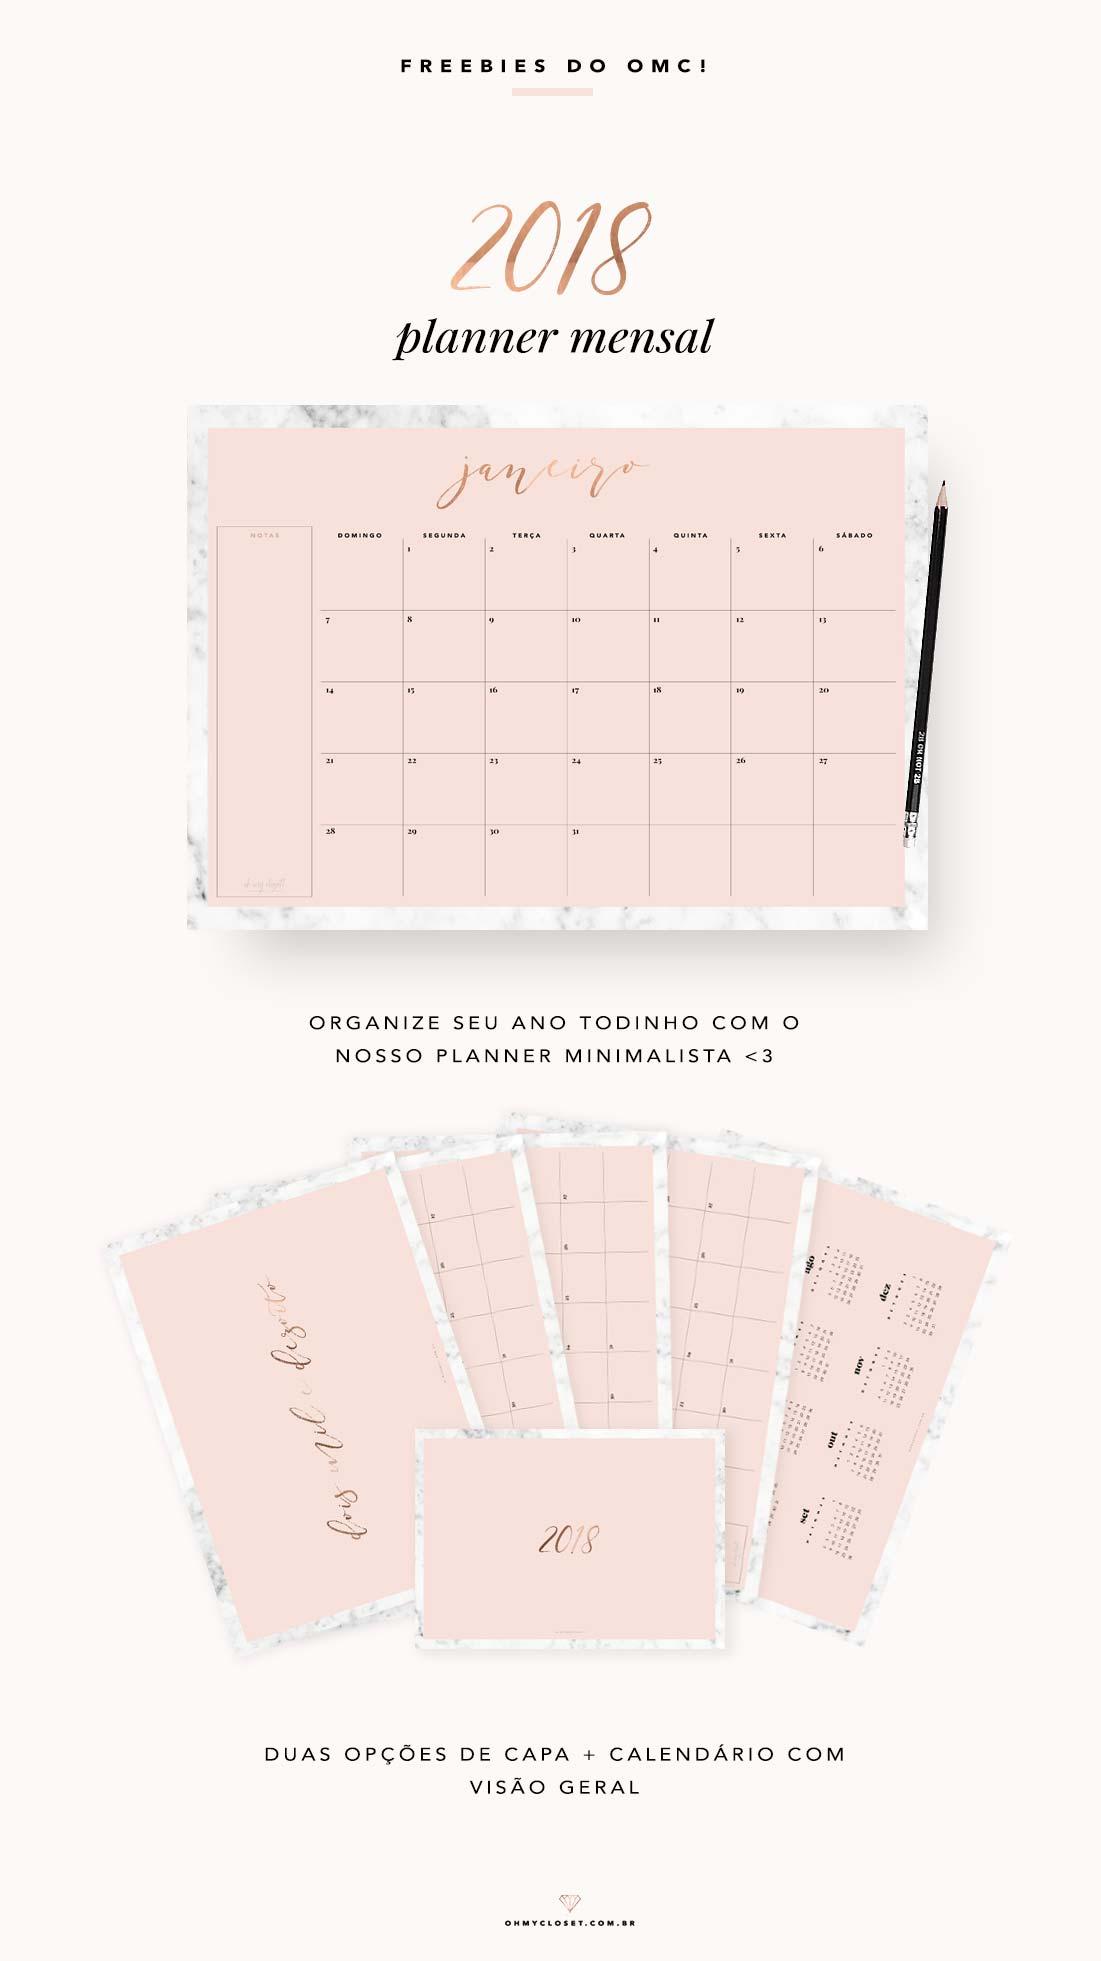 Planner mensal para baixar e imprimir. Freebie do Oh My Closet! com design minimalista em mármore e rosa blush.